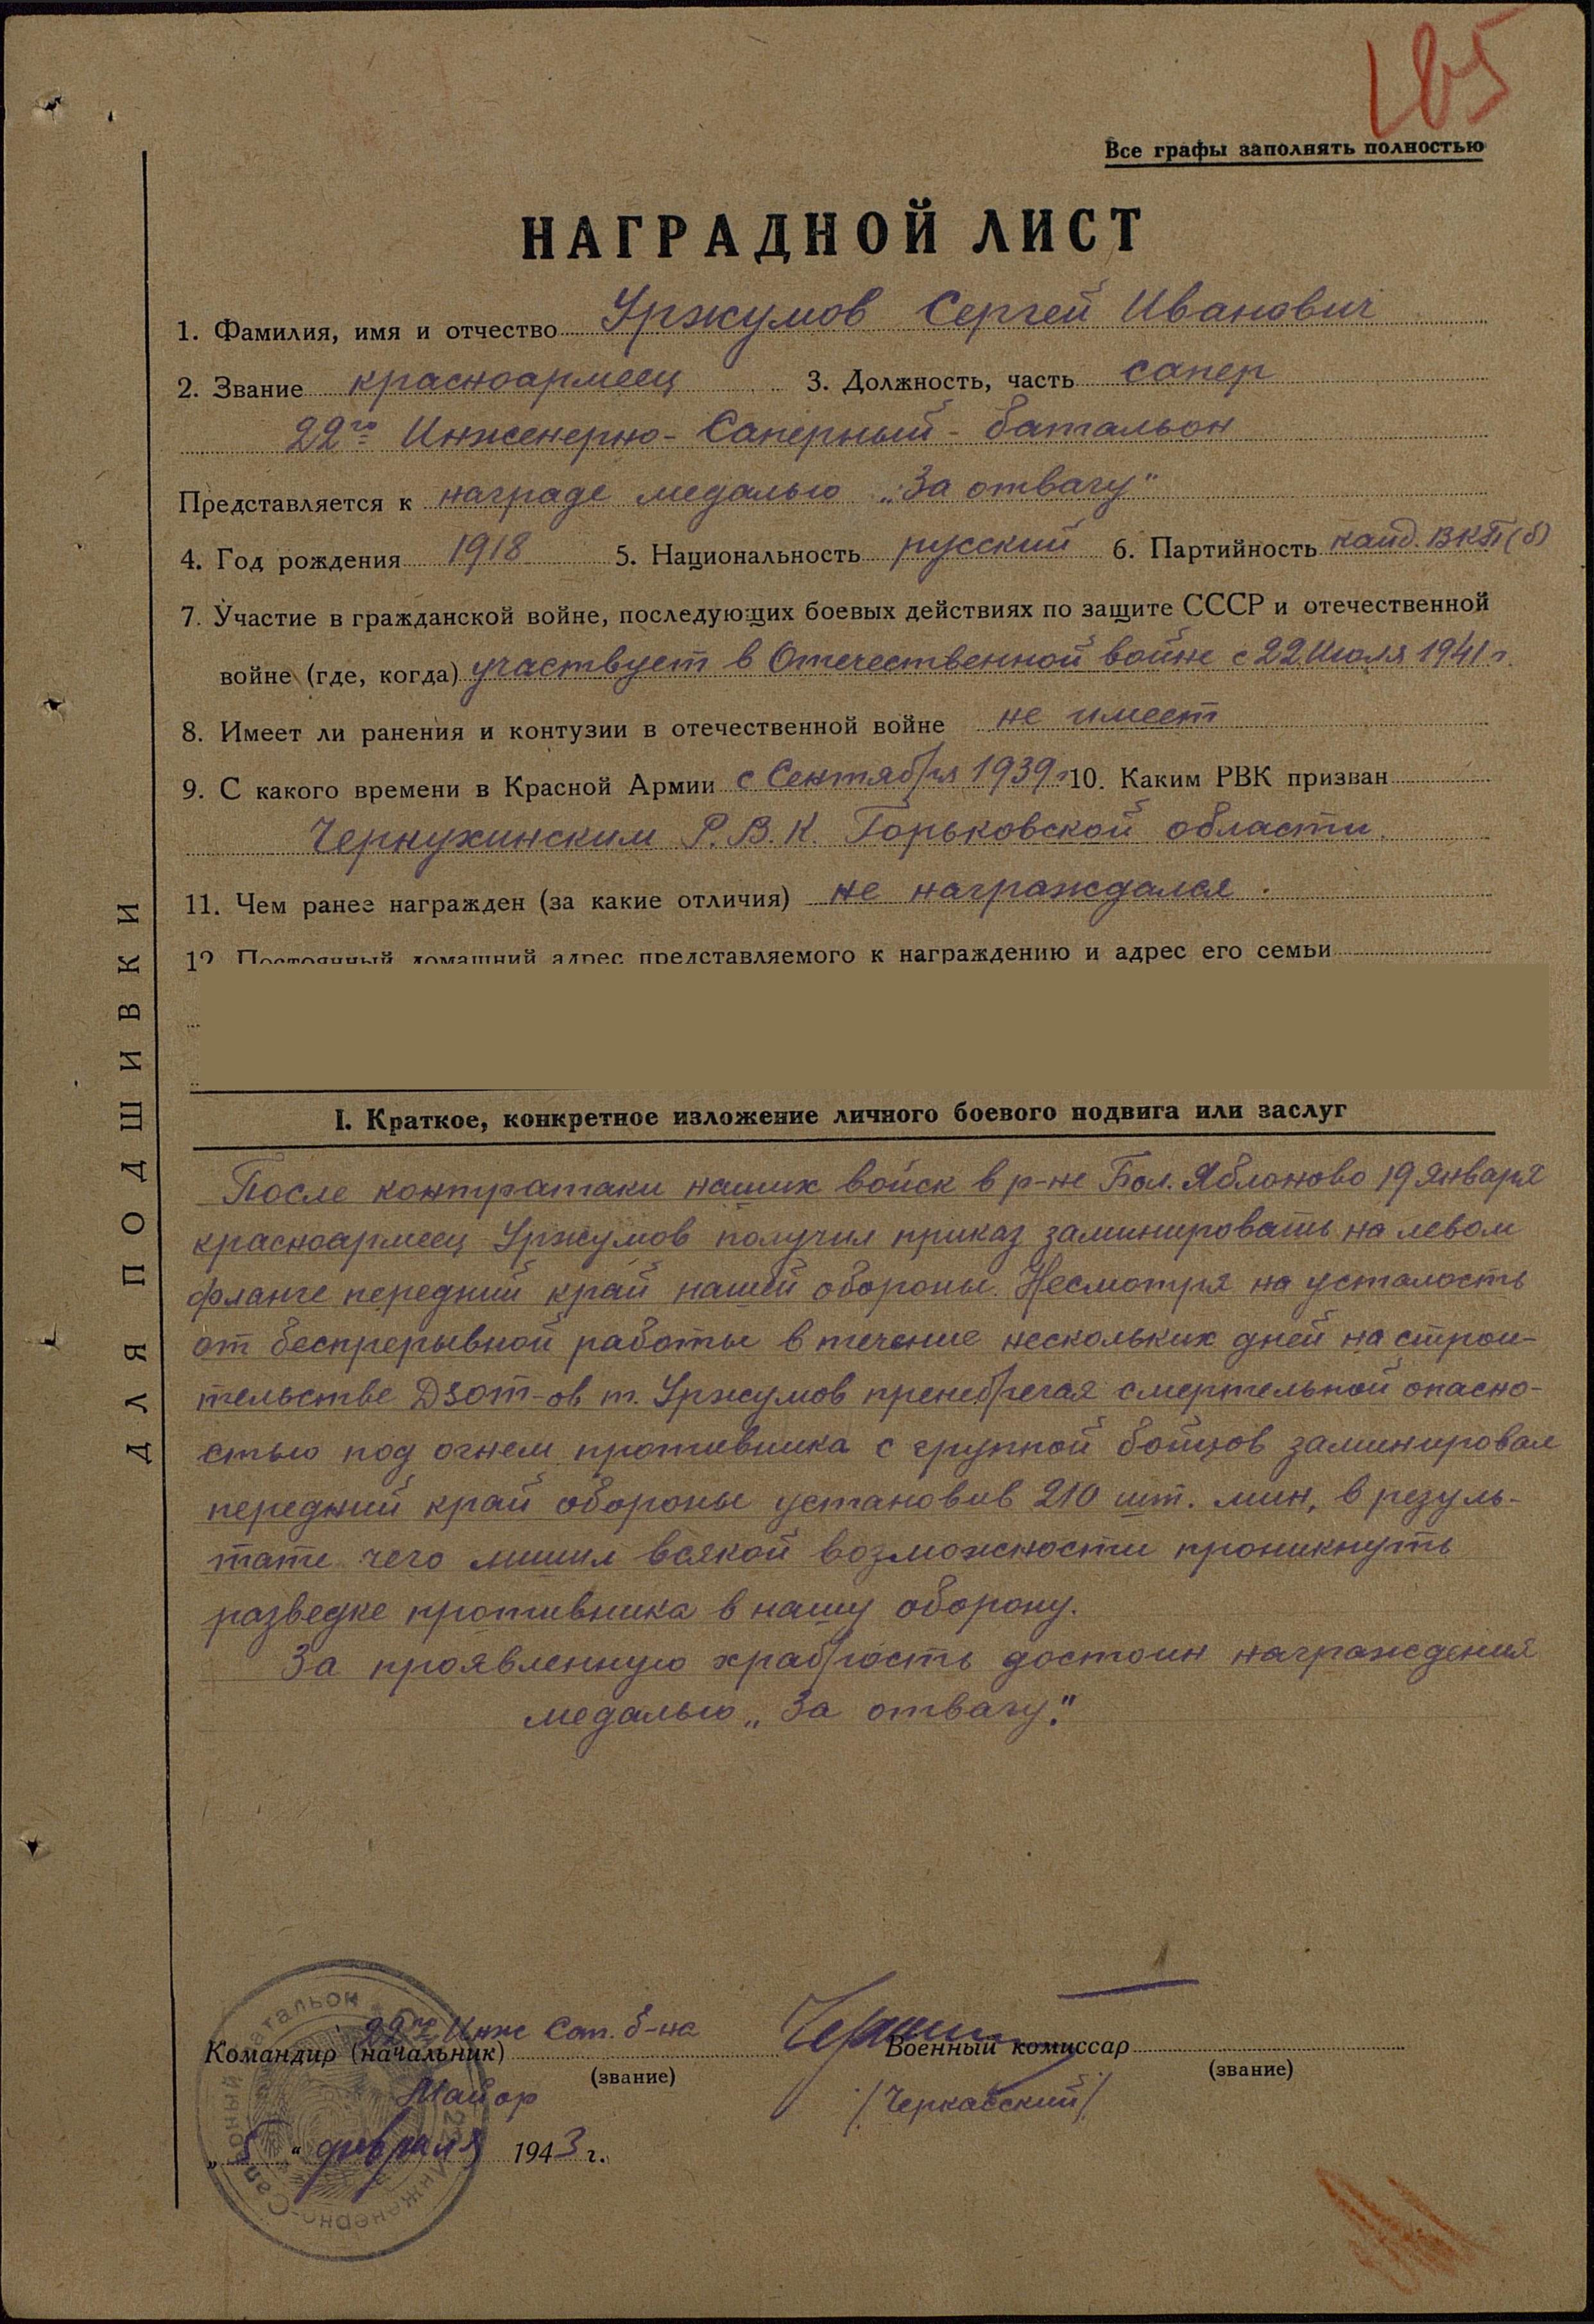 Наградной лист Уржумова Сергея Ивановича к медали за боевые заслуги